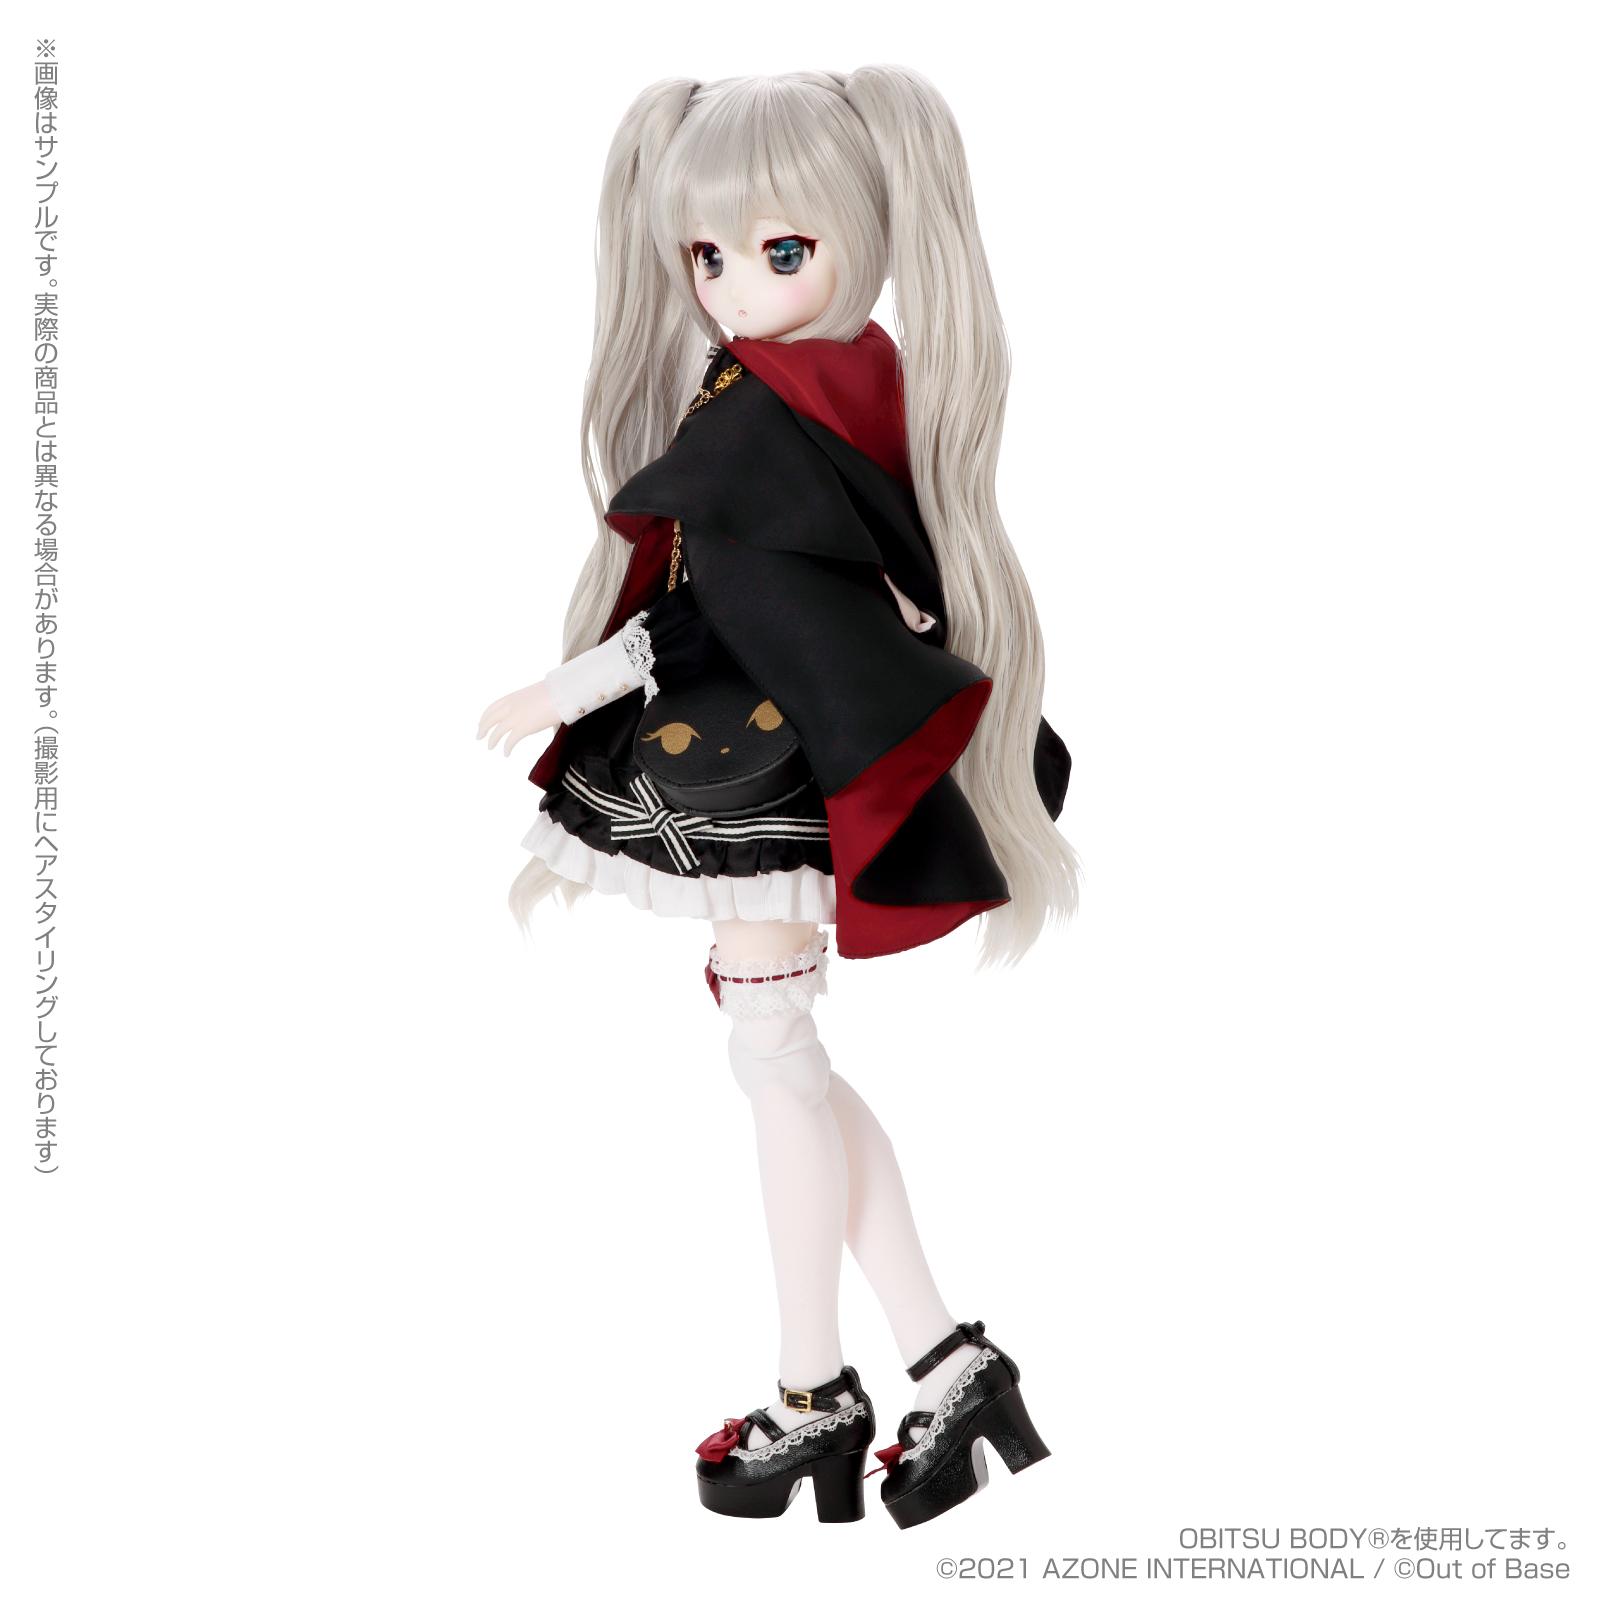 Iris Collect petit『すずね/~Wonder fraulein~Goth×Loli cats(通常販売ver.)』アイリスコレクト プチ 1/3 完成品ドール-005